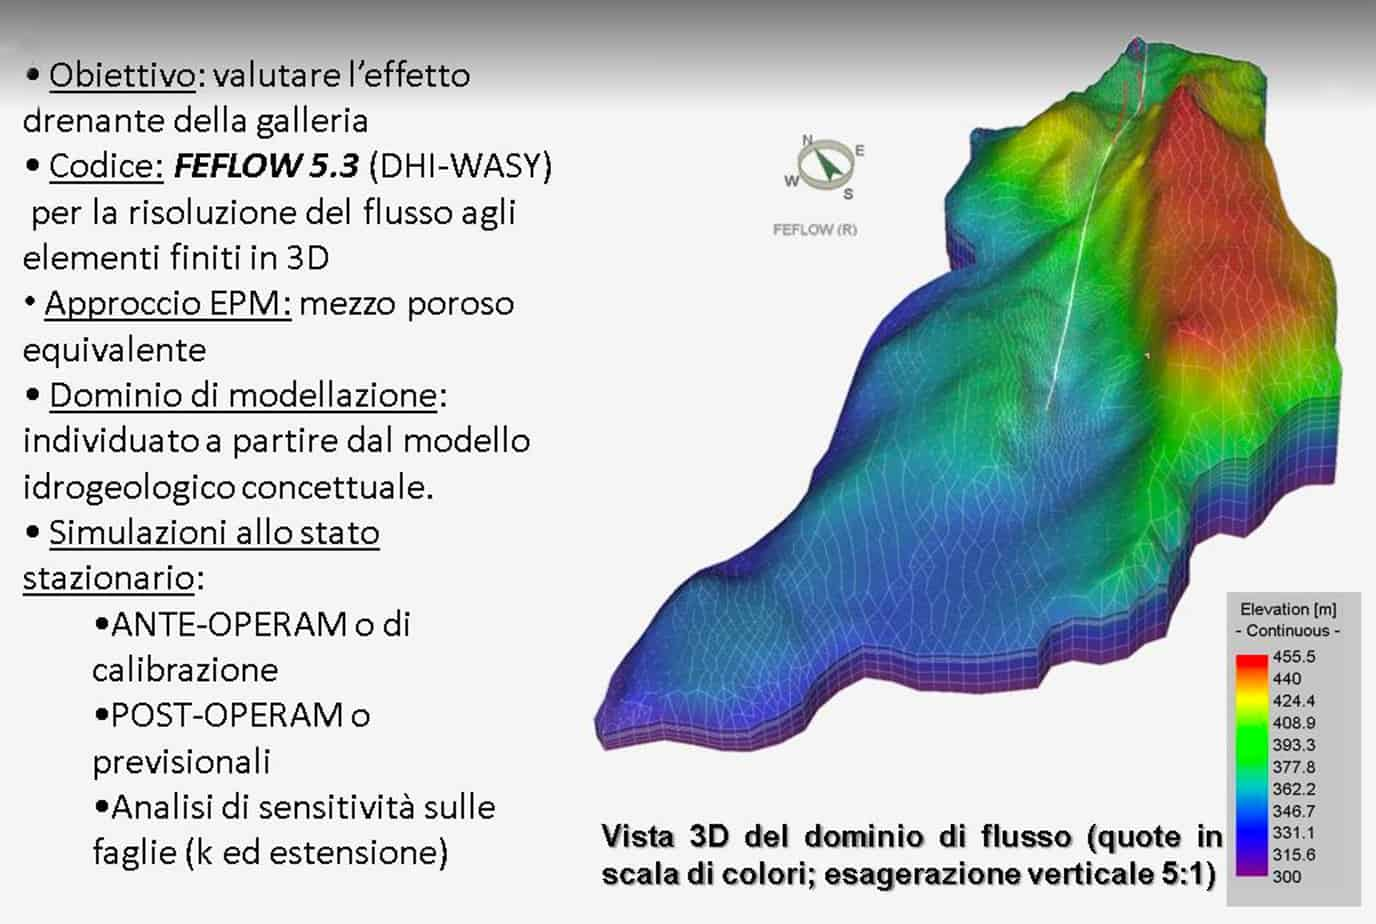 La discretizzazione 3D del modello di flusso